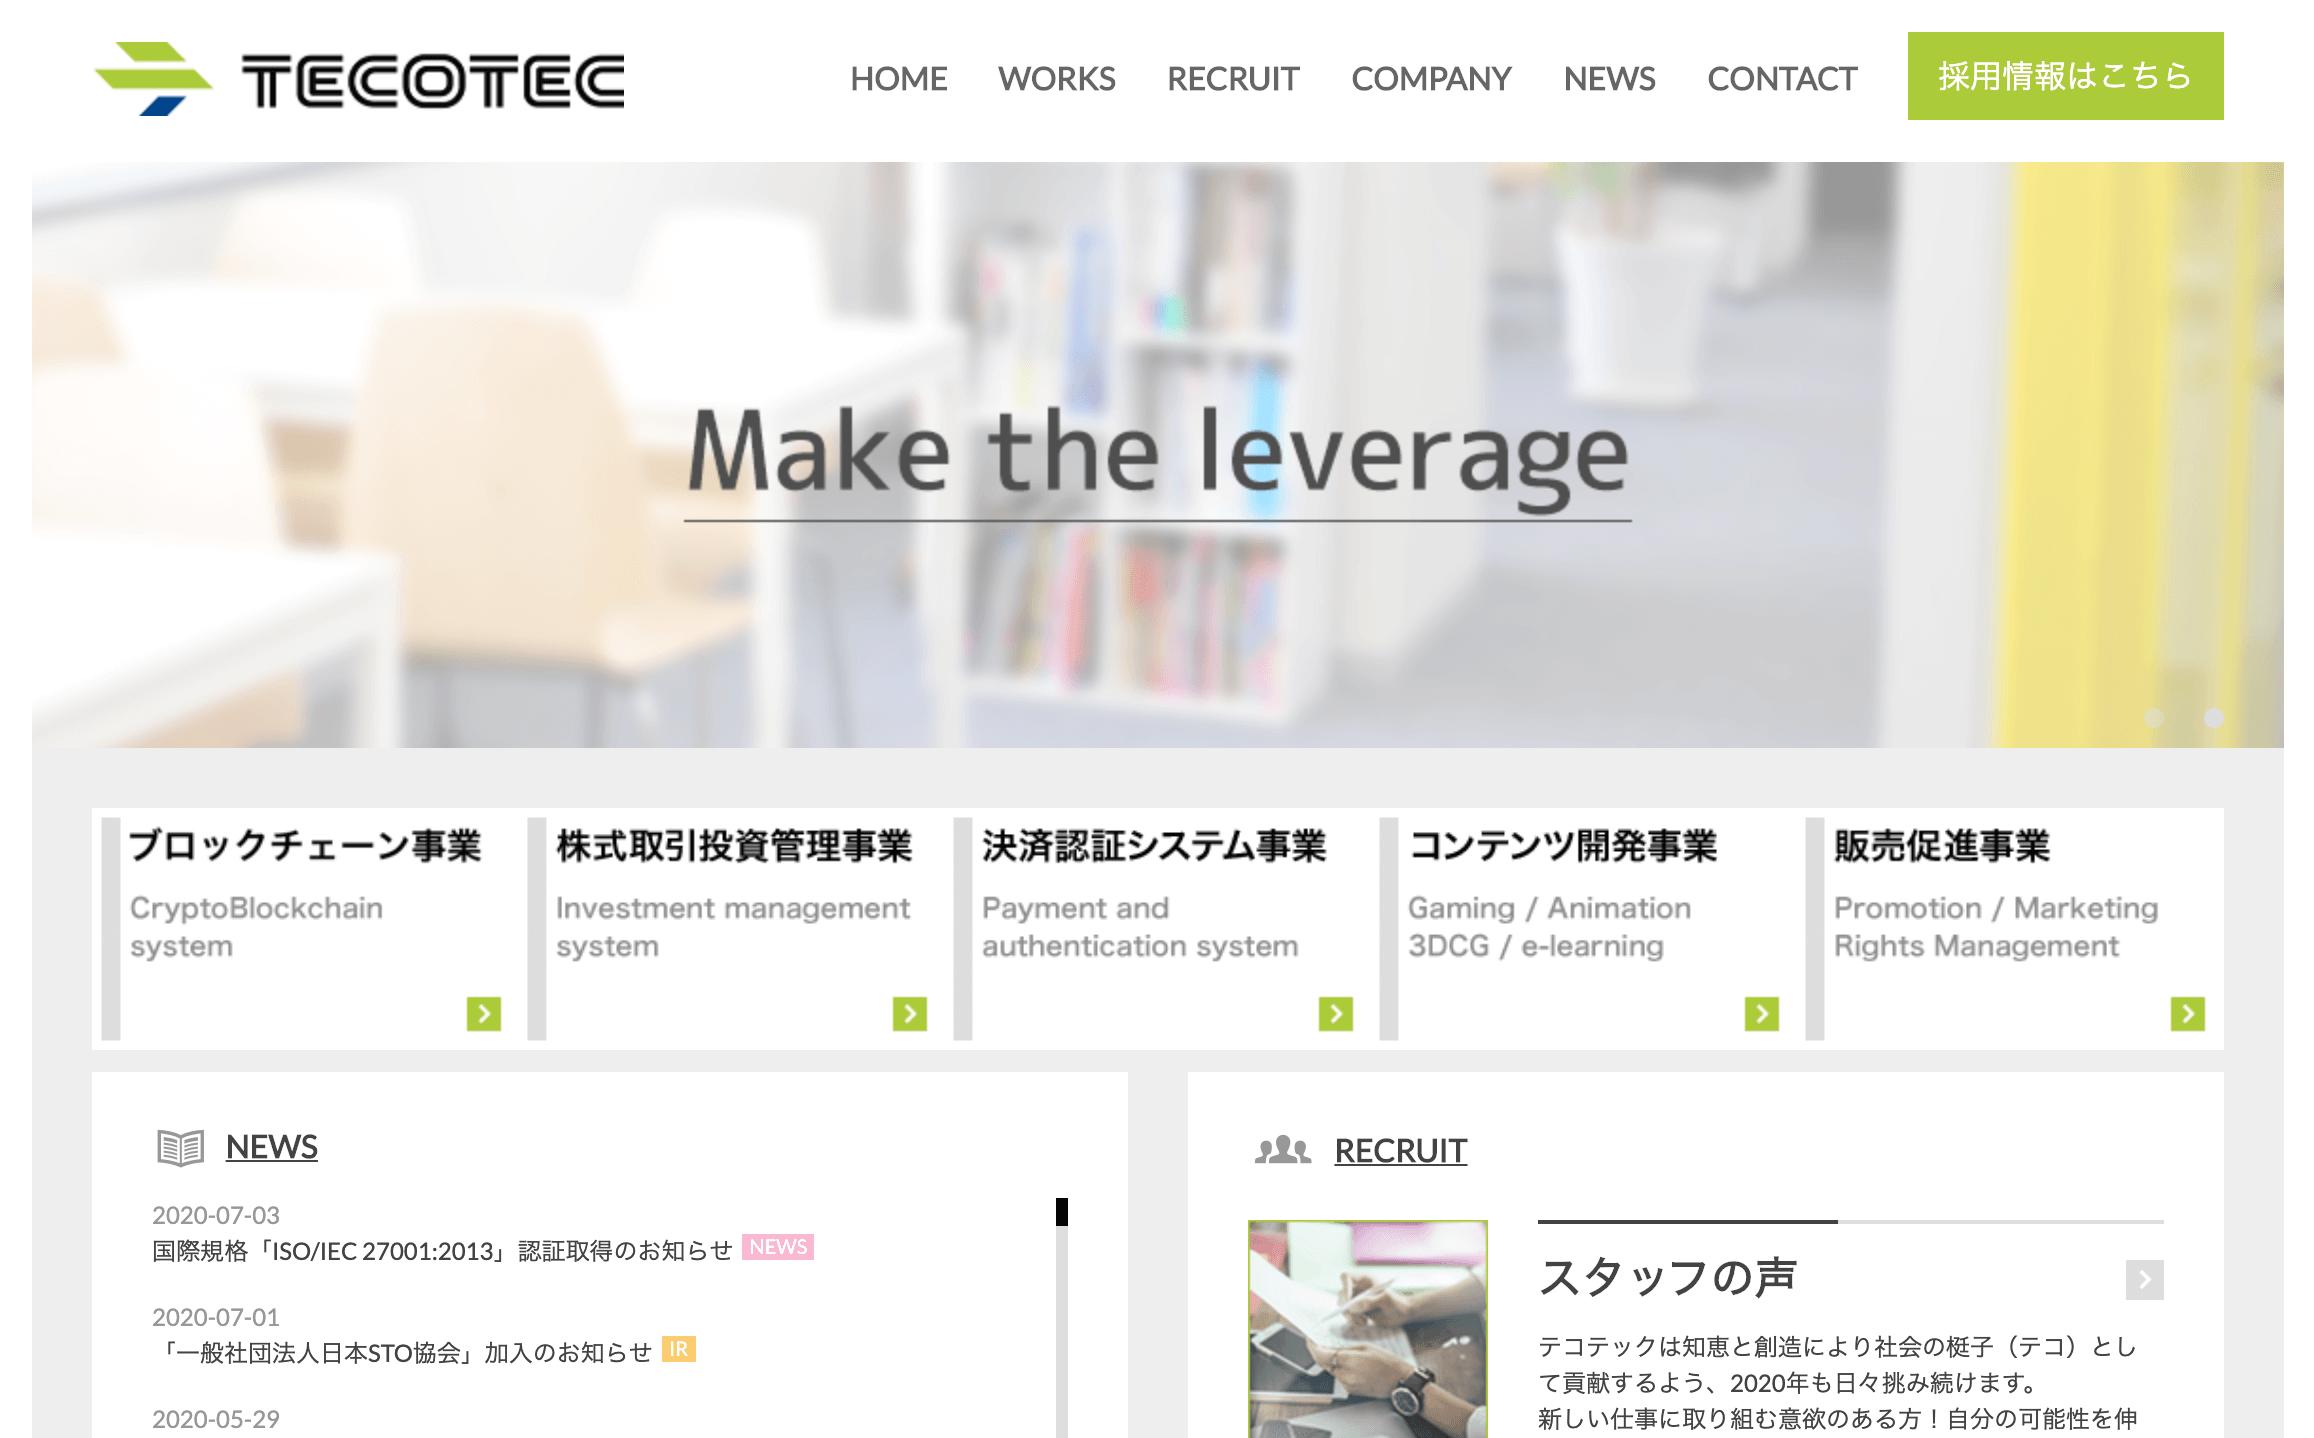 【株view】資産管理アプリの株viewのレビュー!myTradeの後継アプリ!1